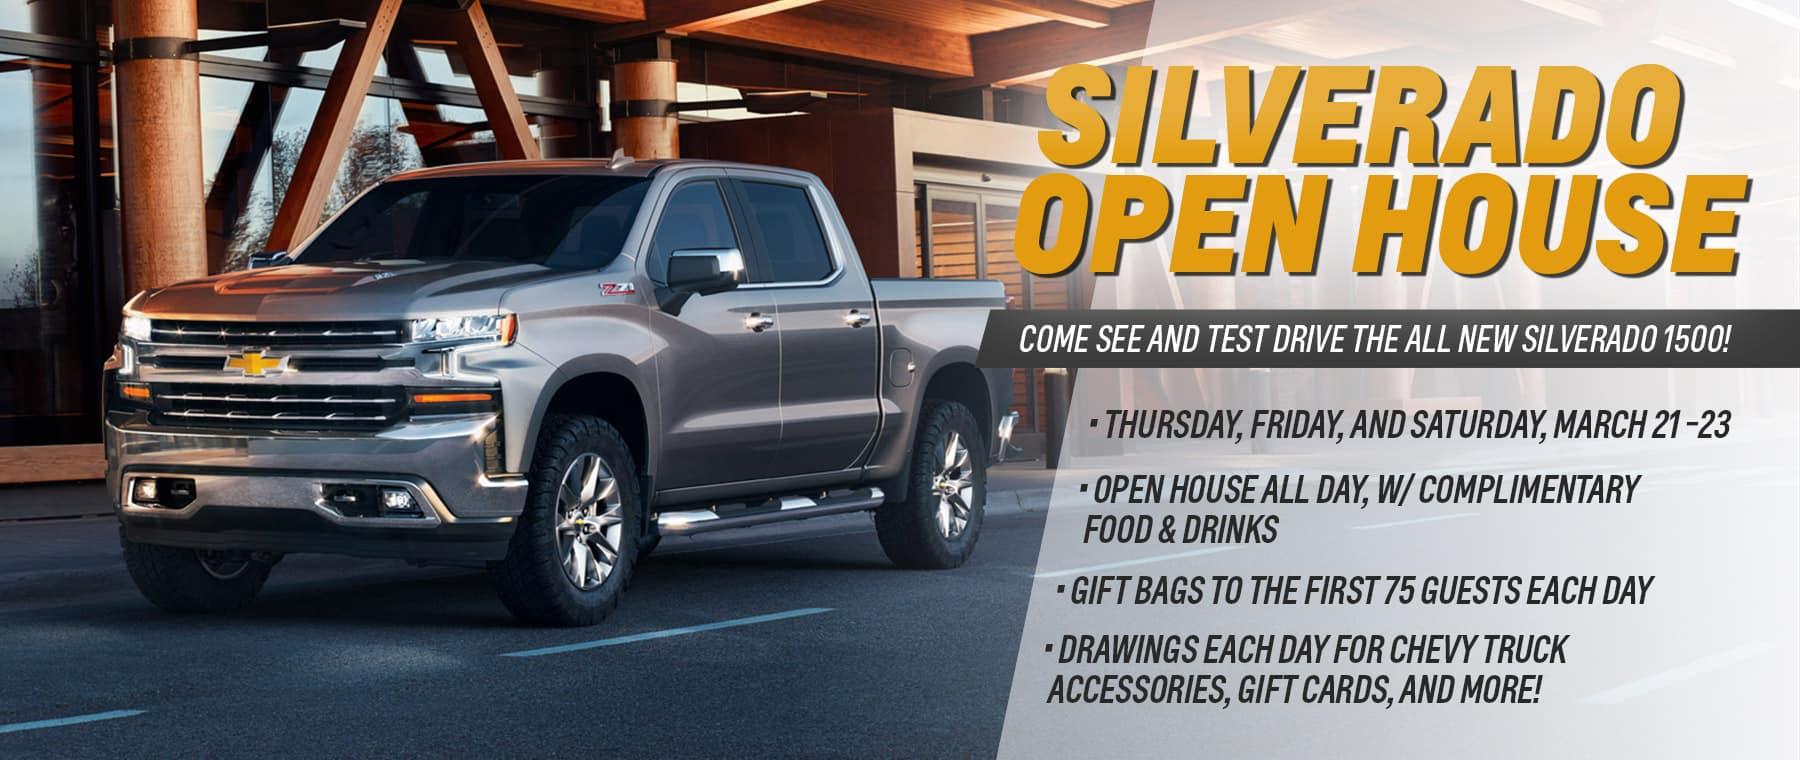 Silverado Open House